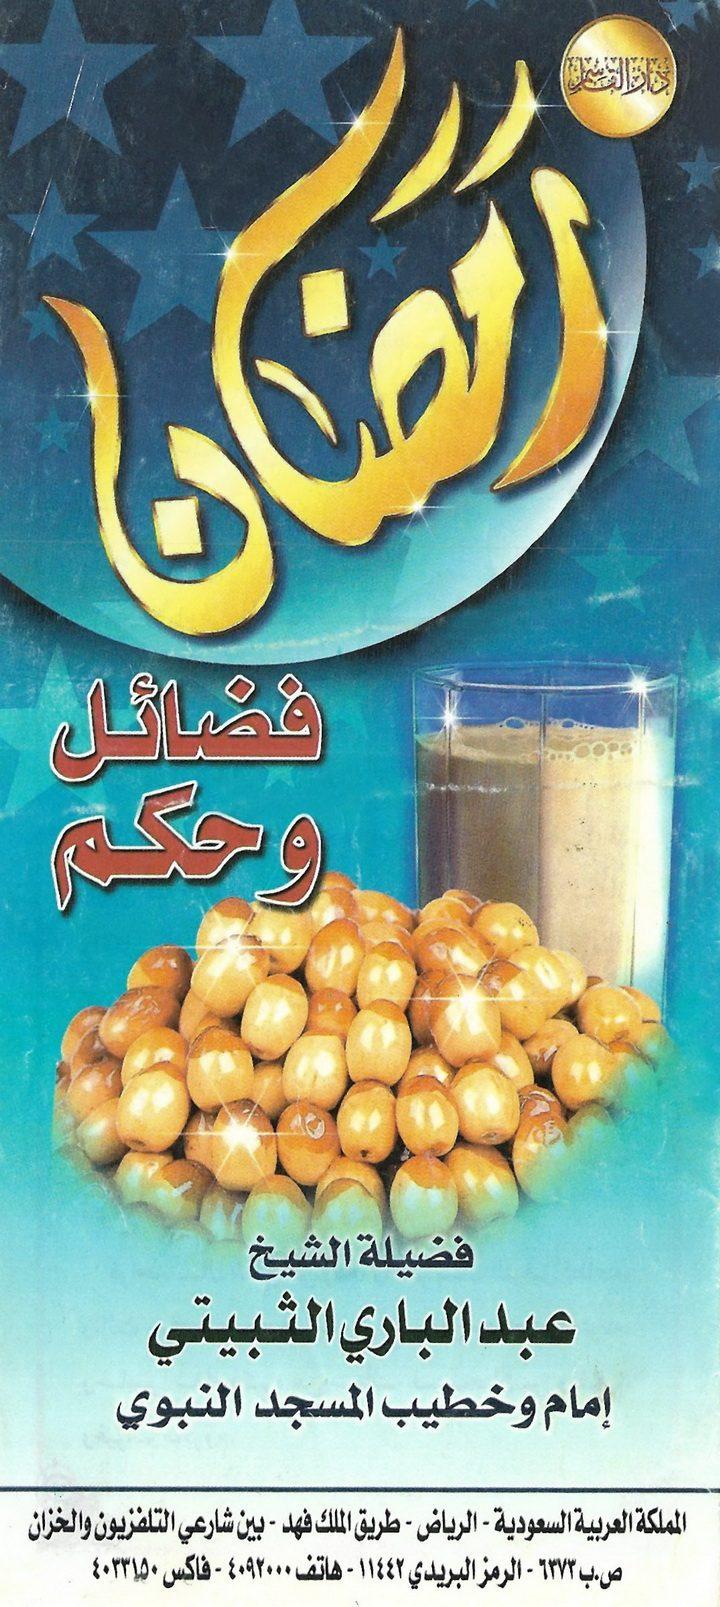 رمضان فضائل وحكم (عبد الباري الثبيتي – دار القاسم)